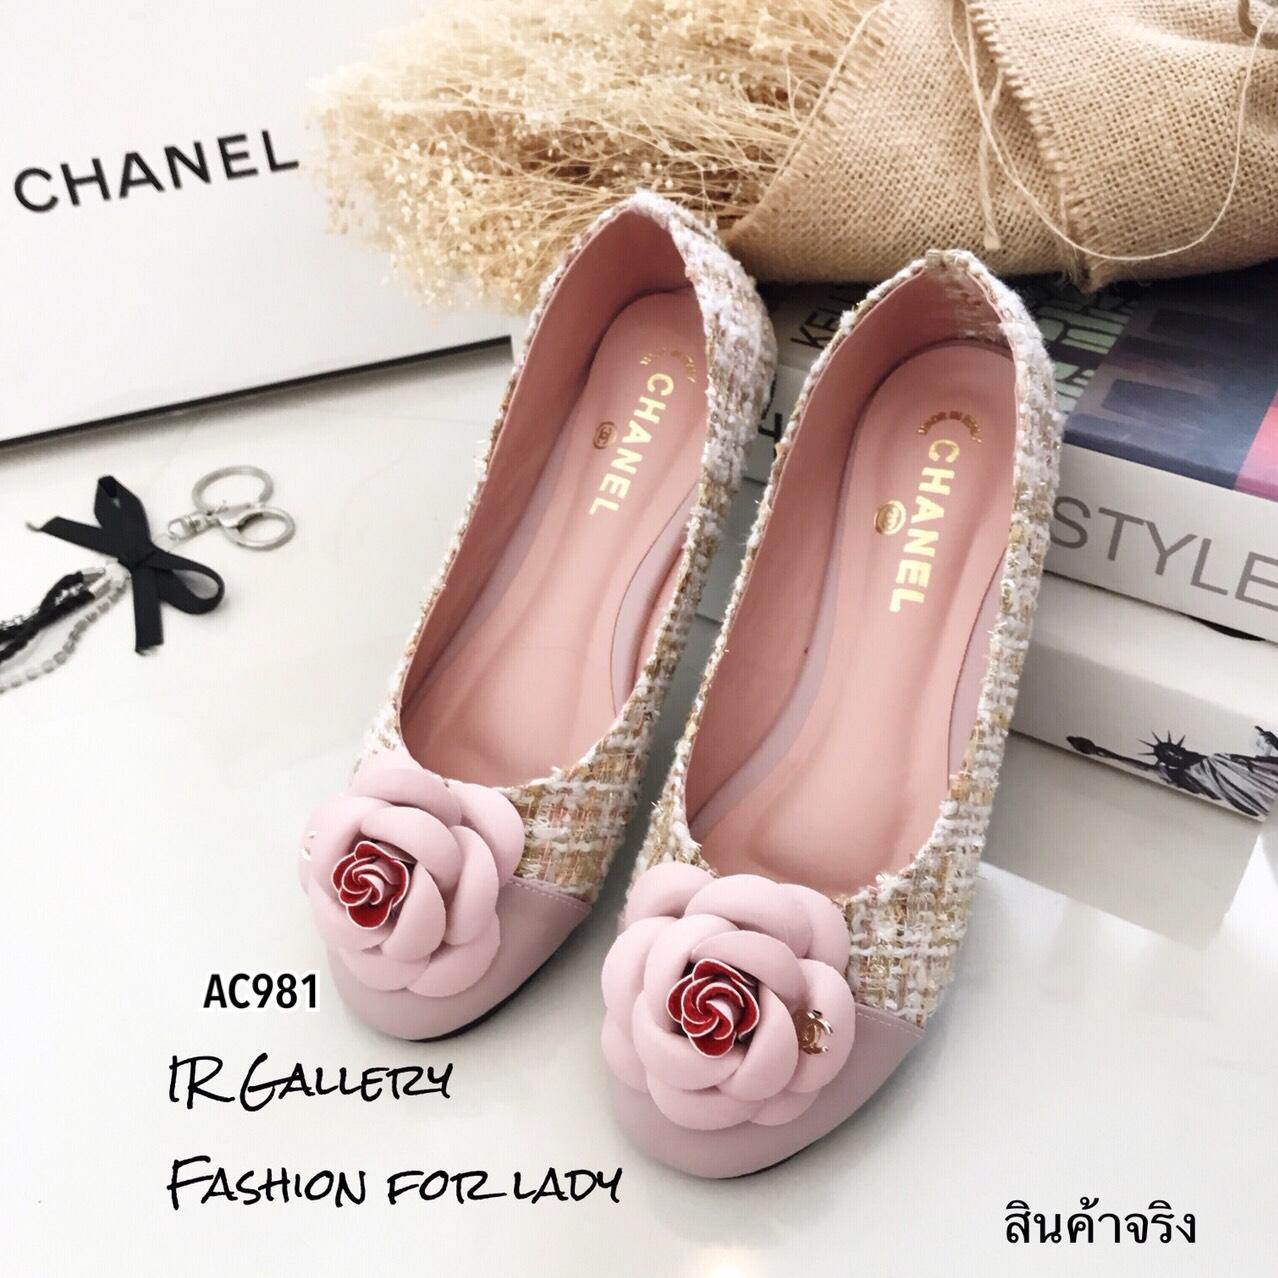 รองเท้าคัทชูส้นแบน Style Chanel (ชมพู)